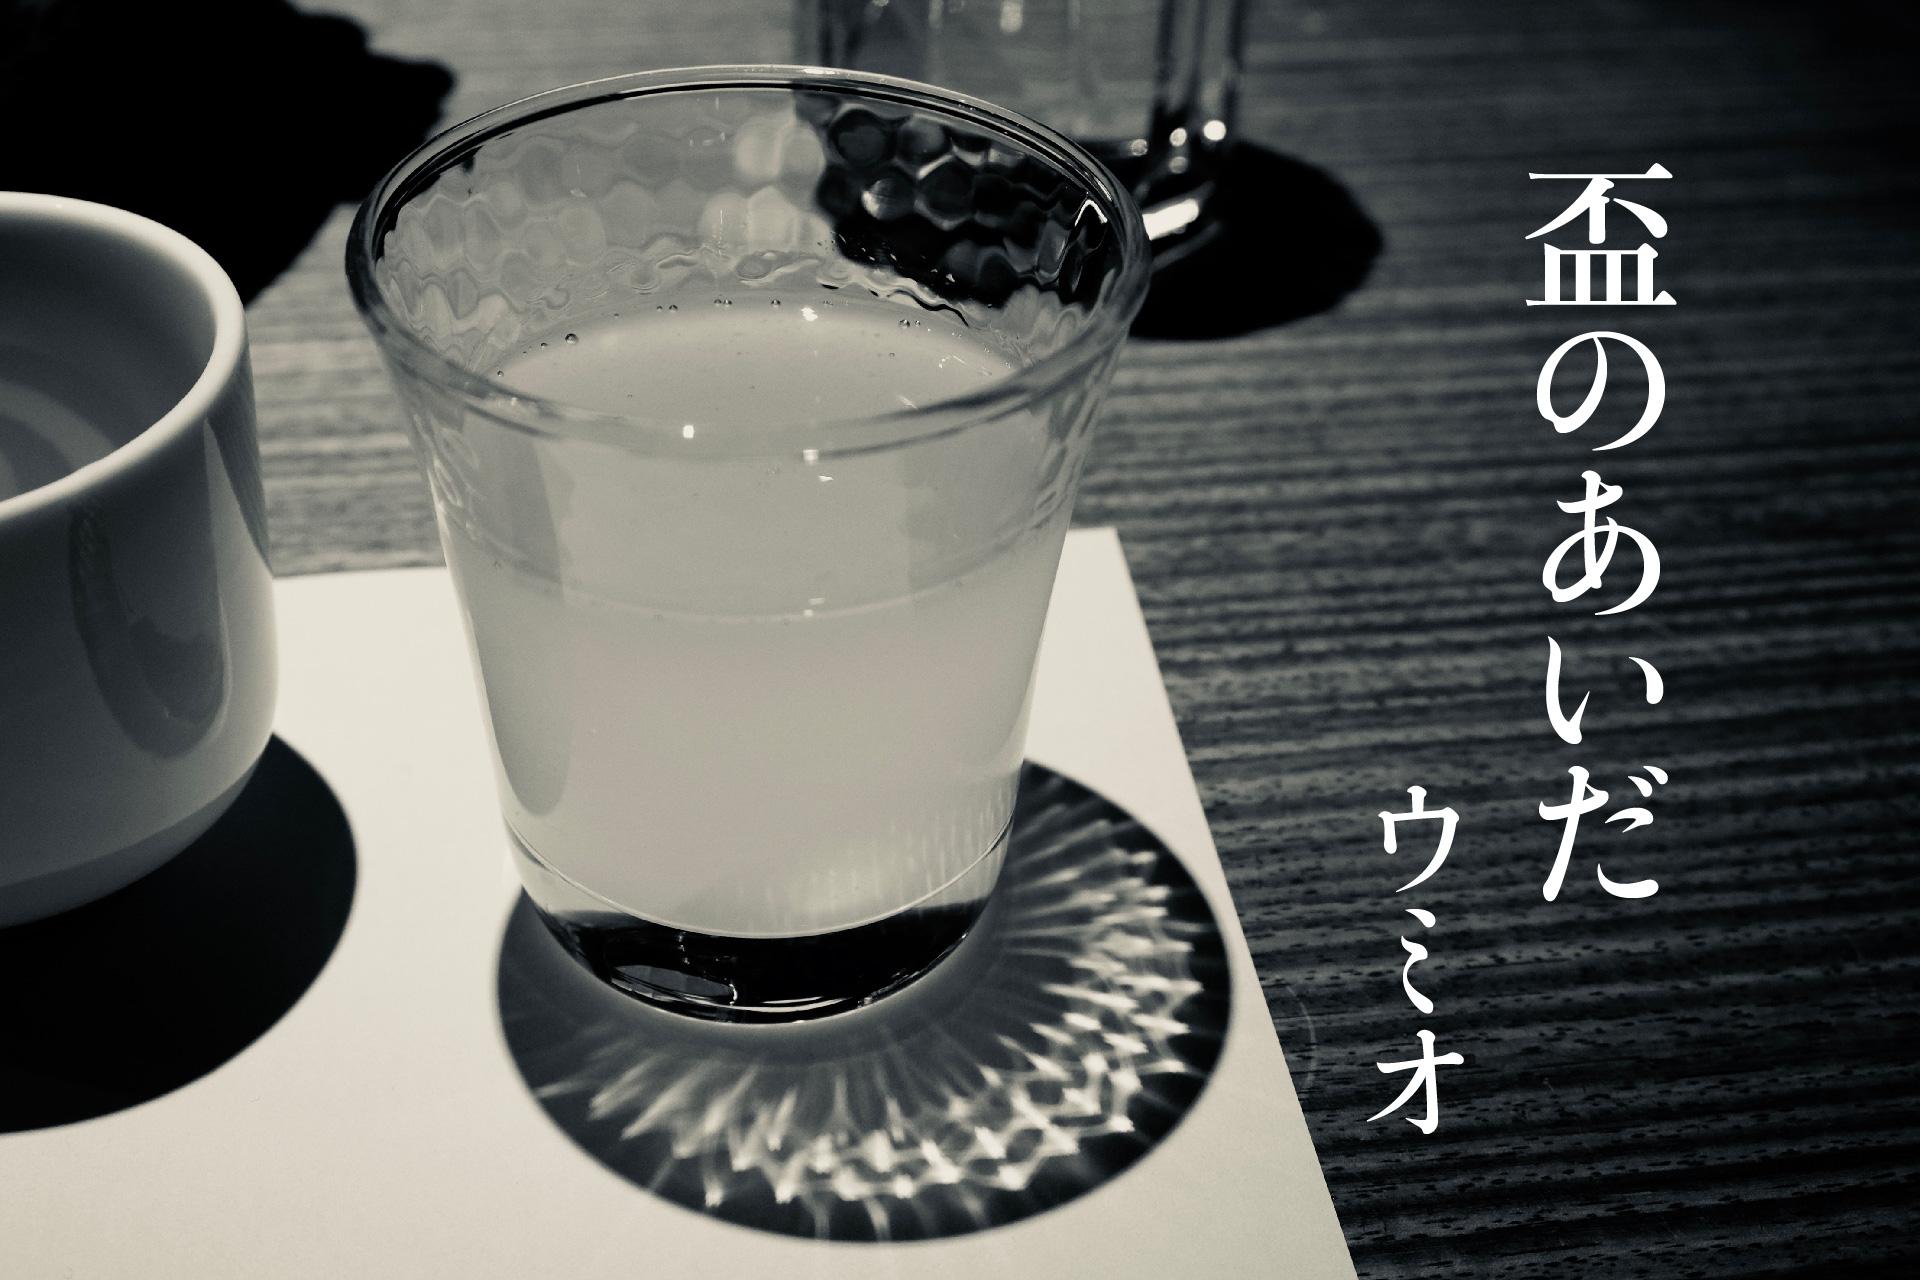 お酒の味わいの表現について〈盃のあいだ nº3〉